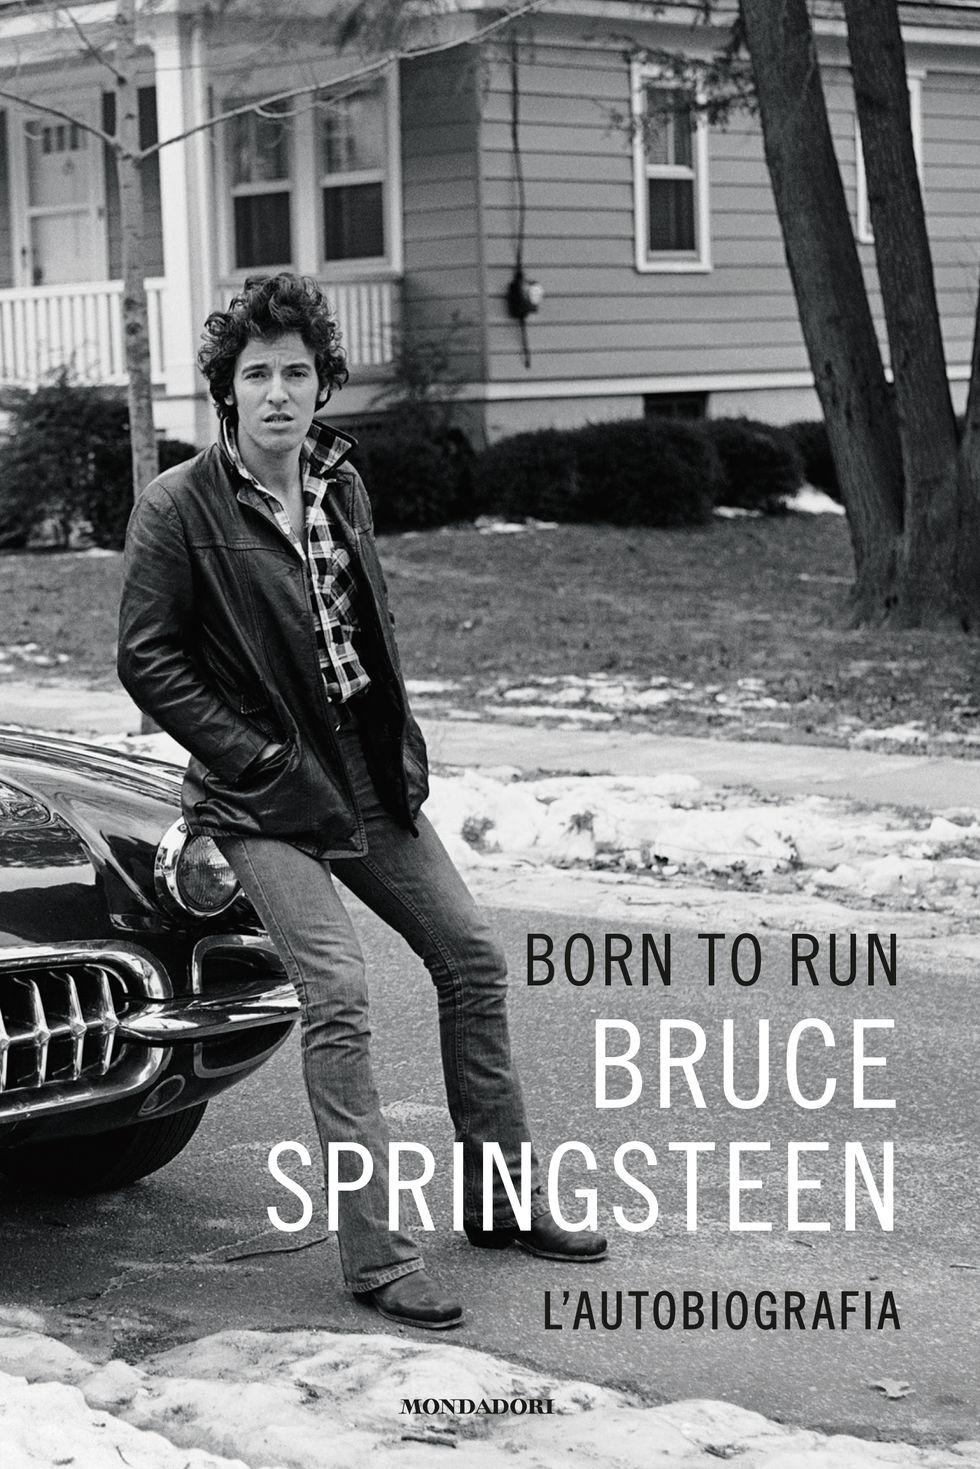 Bruce Springsteen: come vincere la chitarra autografata